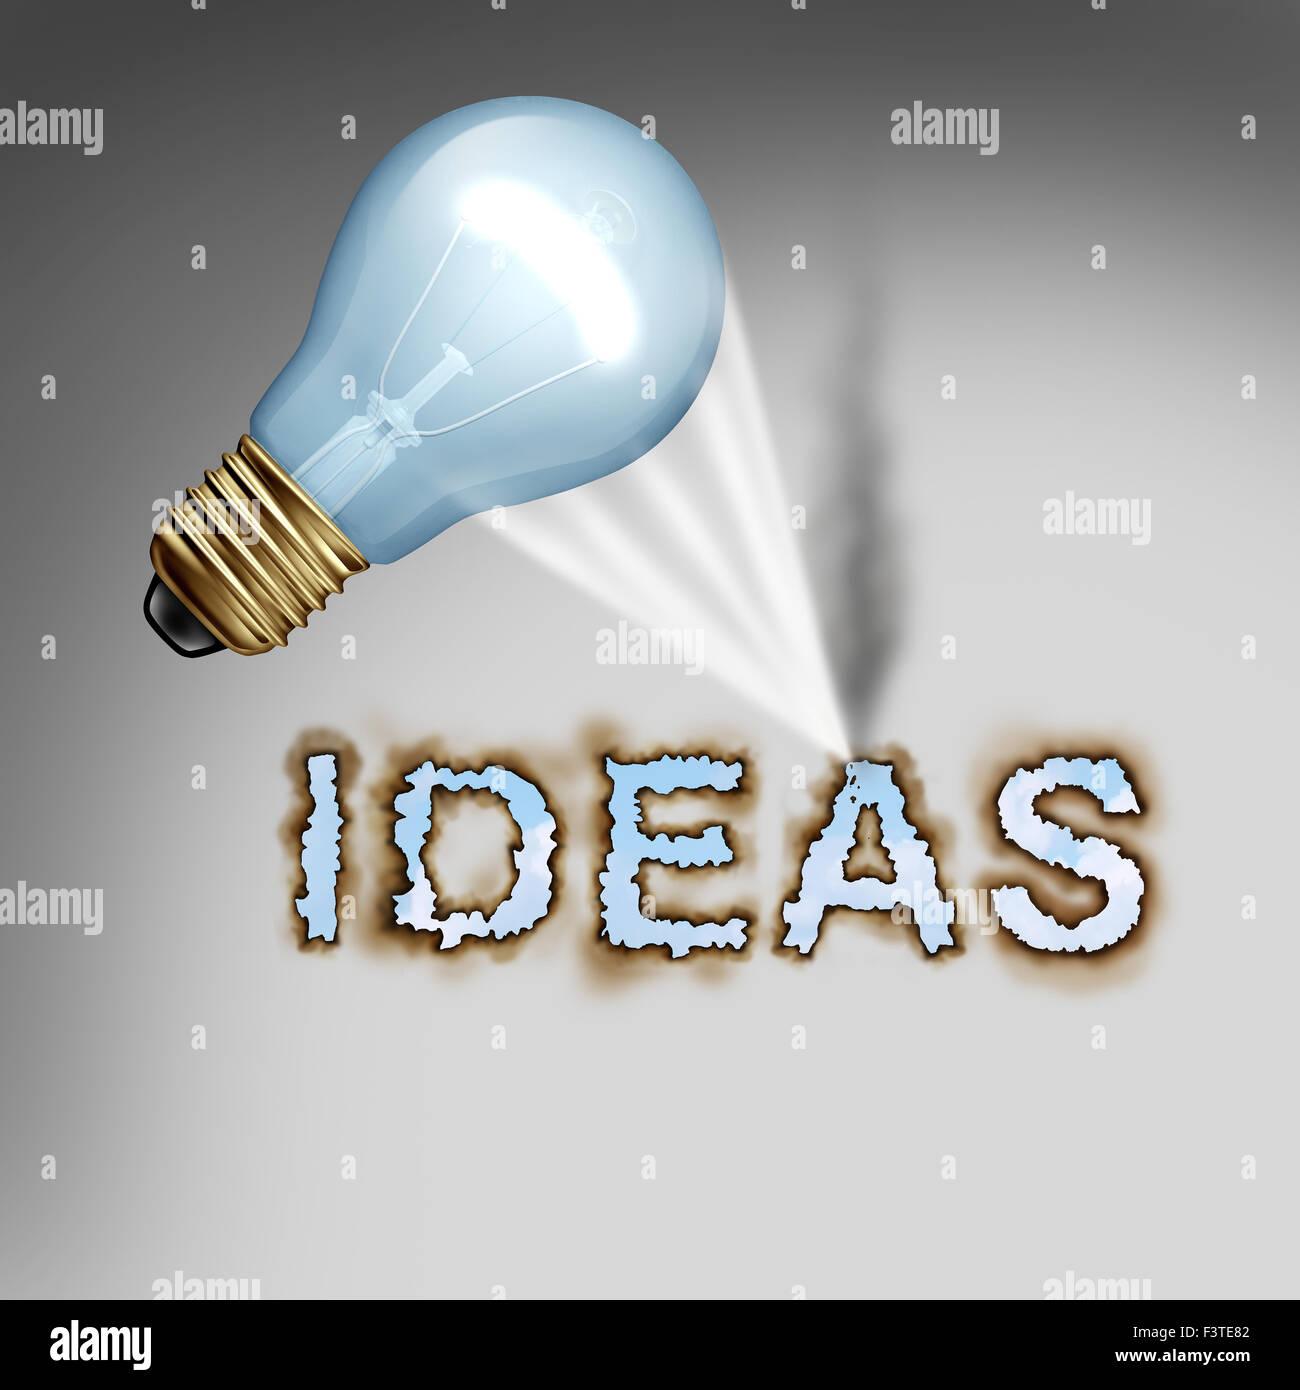 Idee Konzept kreative Symbol mit einer Glühbirne, die brennenden Buchstaben als Metapher für die Energie Stockbild